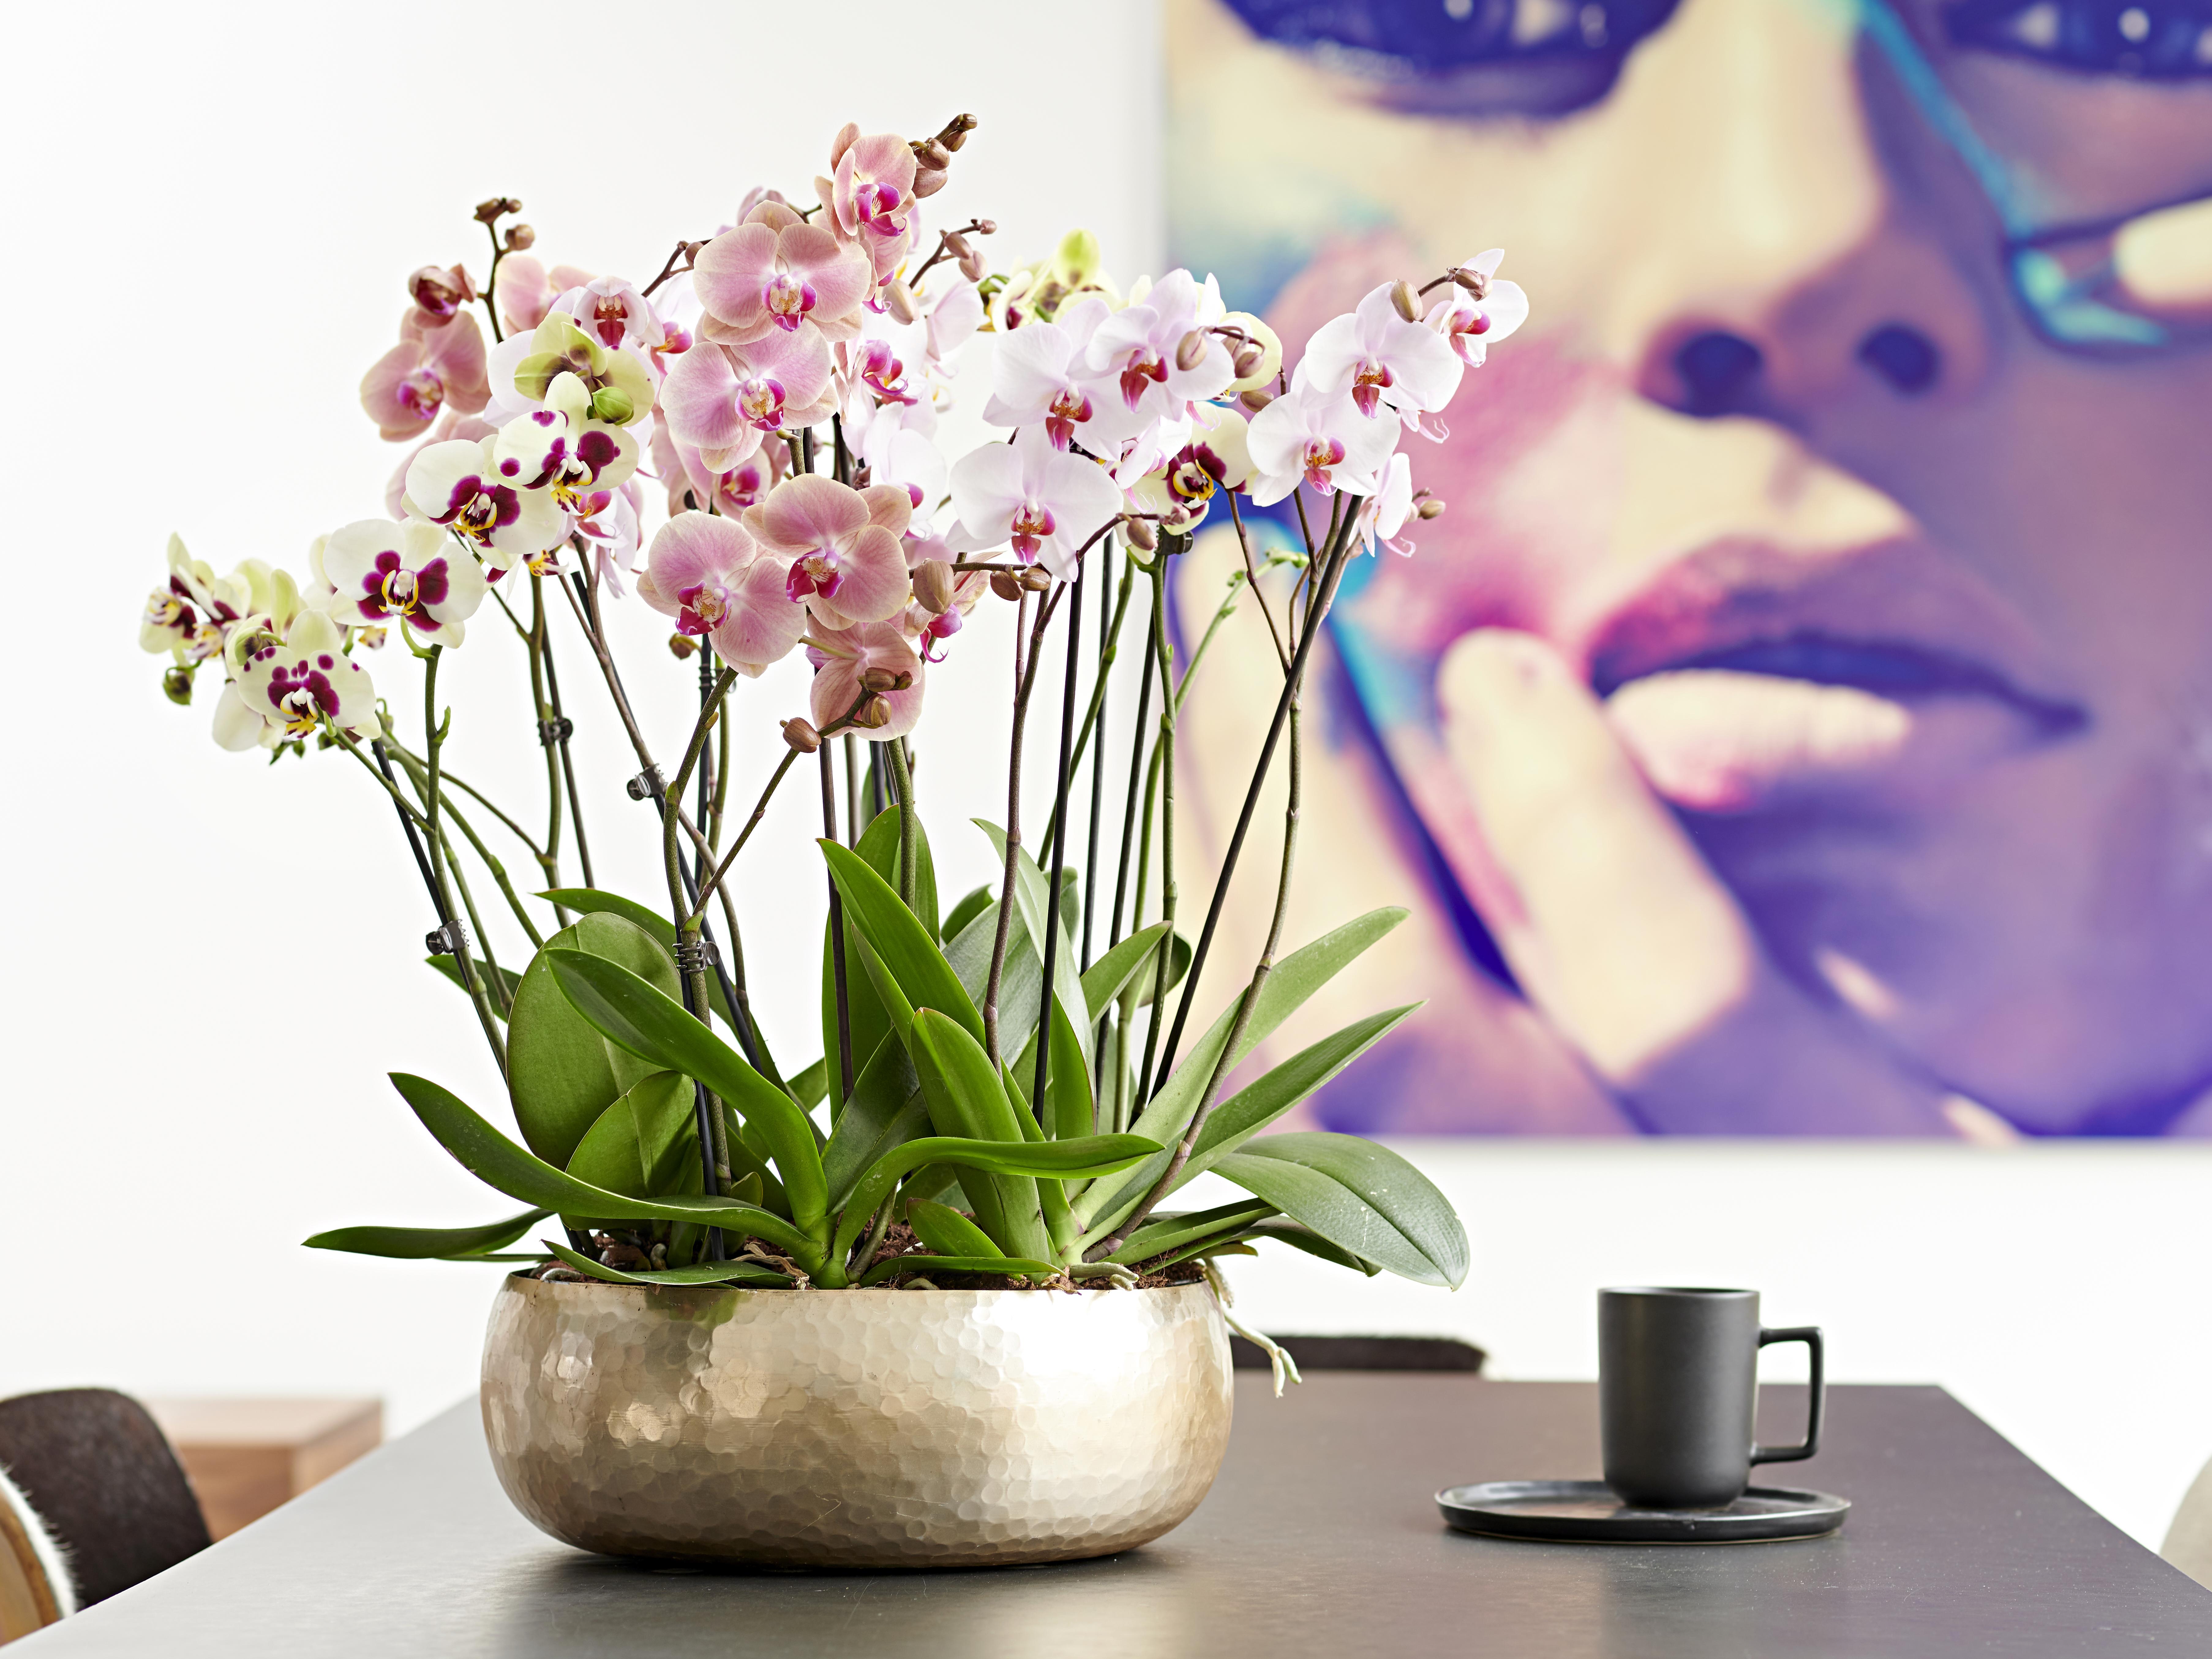 Shopper activatie voor orchideeën bij Aldi Süd, Duitsland